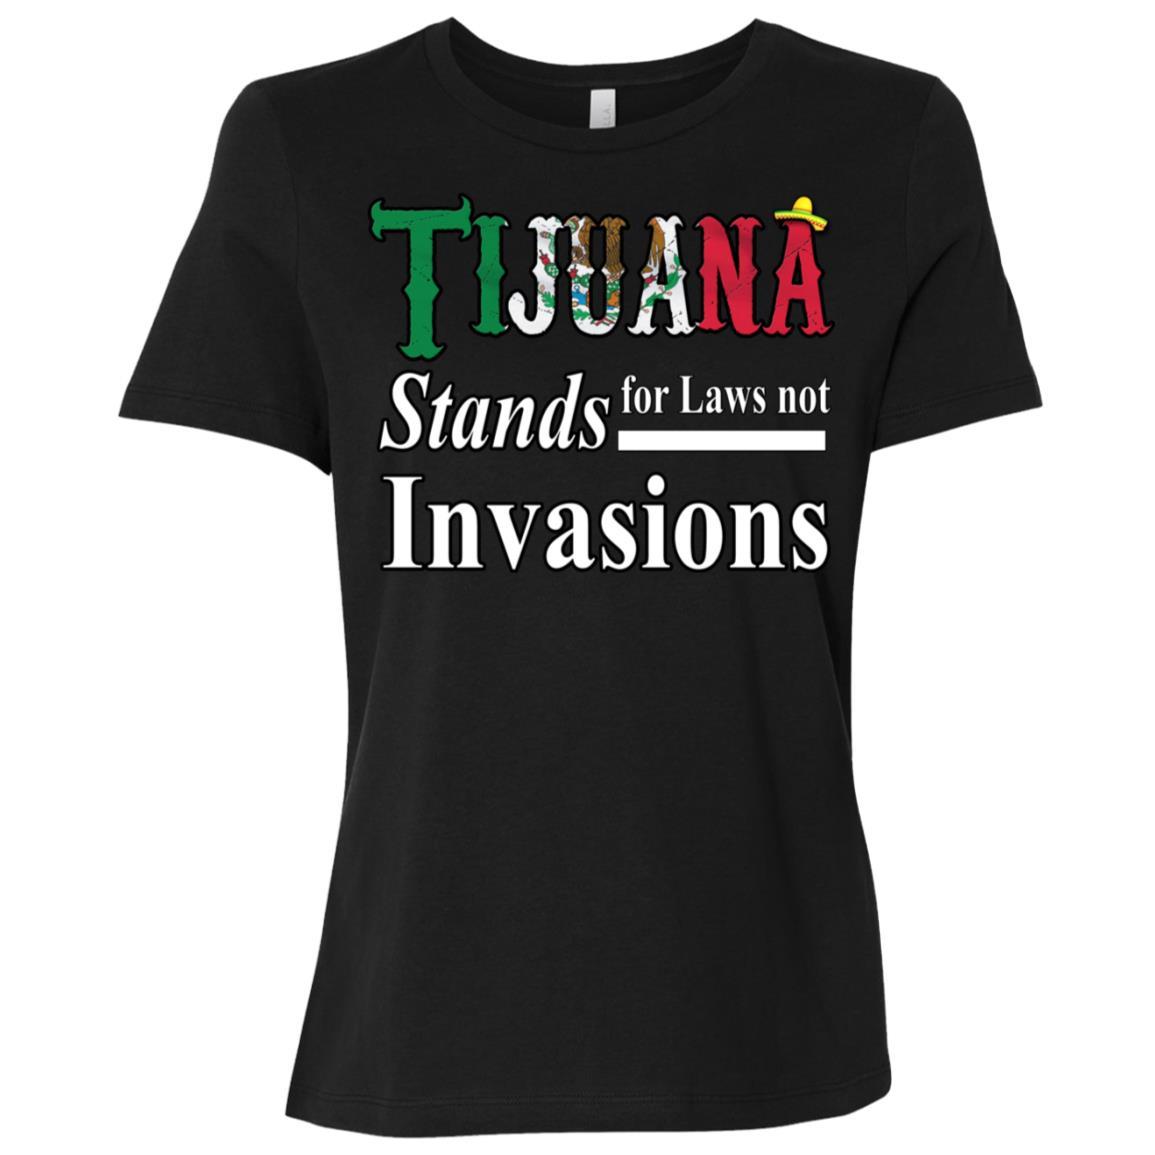 Make Tijuana Mexico Great Again Funny Gift Idea s-1 Women Short Sleeve T-Shirt